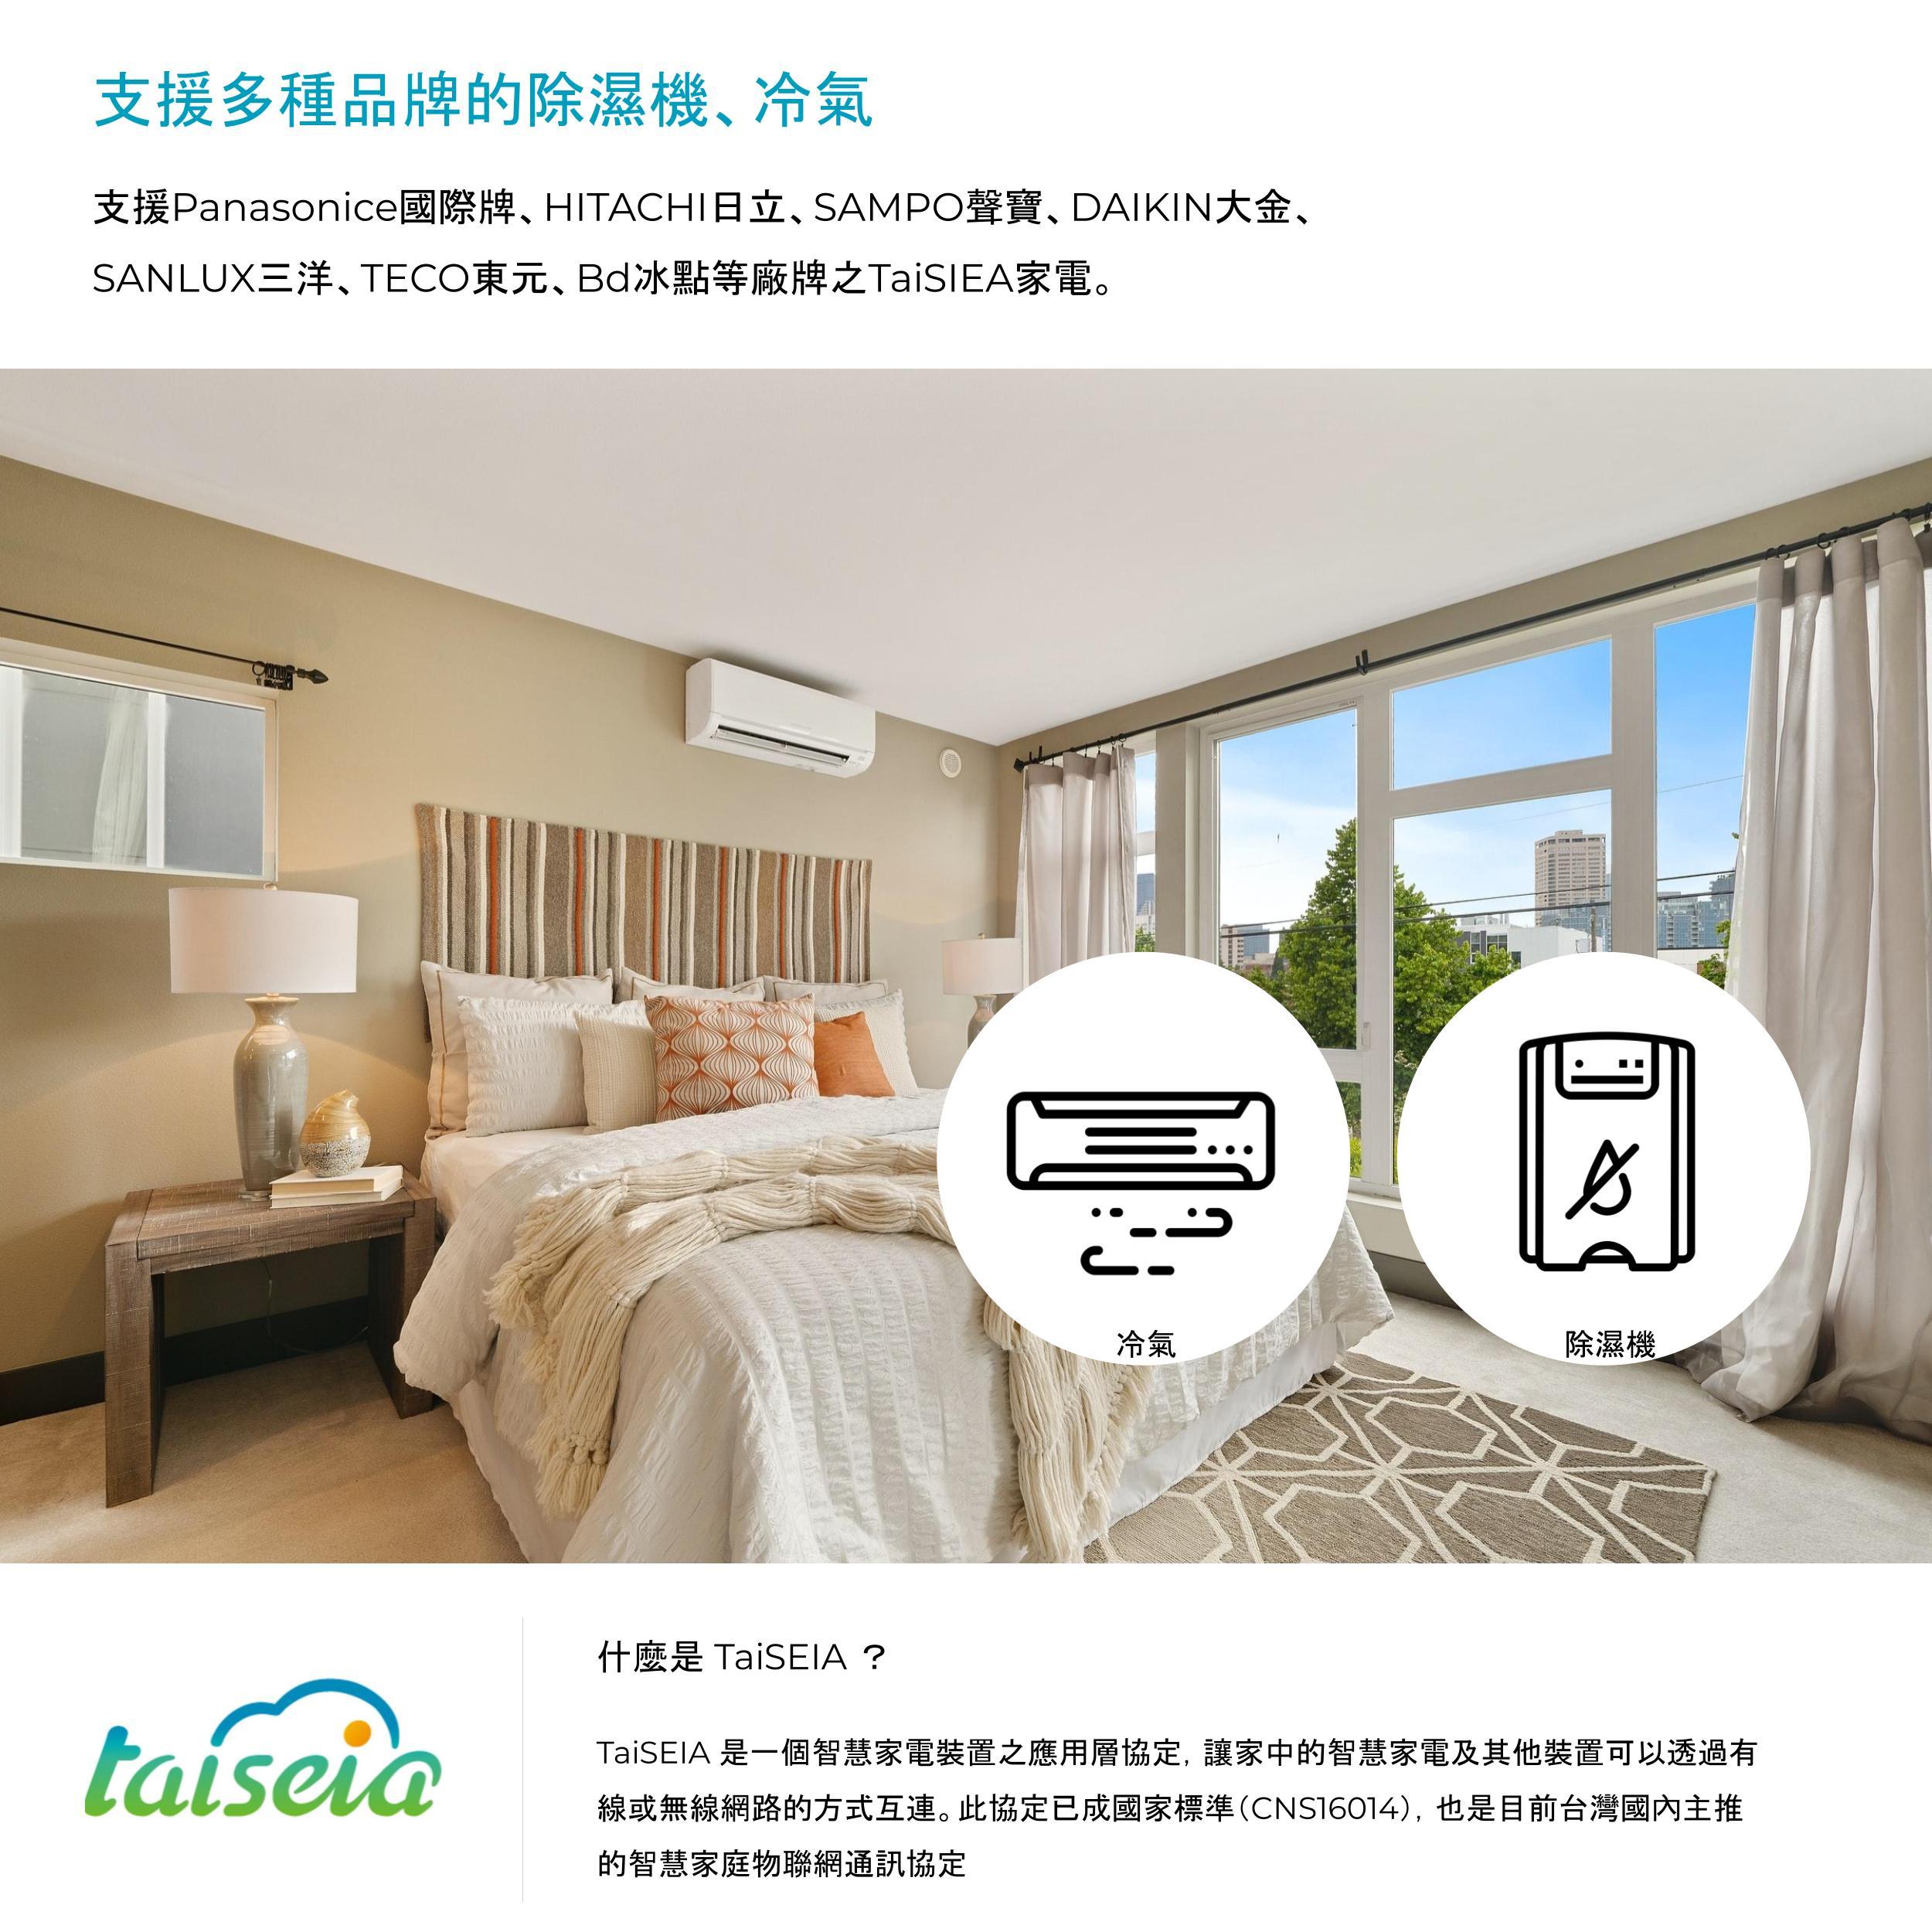 奧創智慧家電控制器 (支援TaiSEIA) 家中電器不用重新買過,只要擁有奧創智慧家電控制器,就能輕鬆擁有智慧家電。